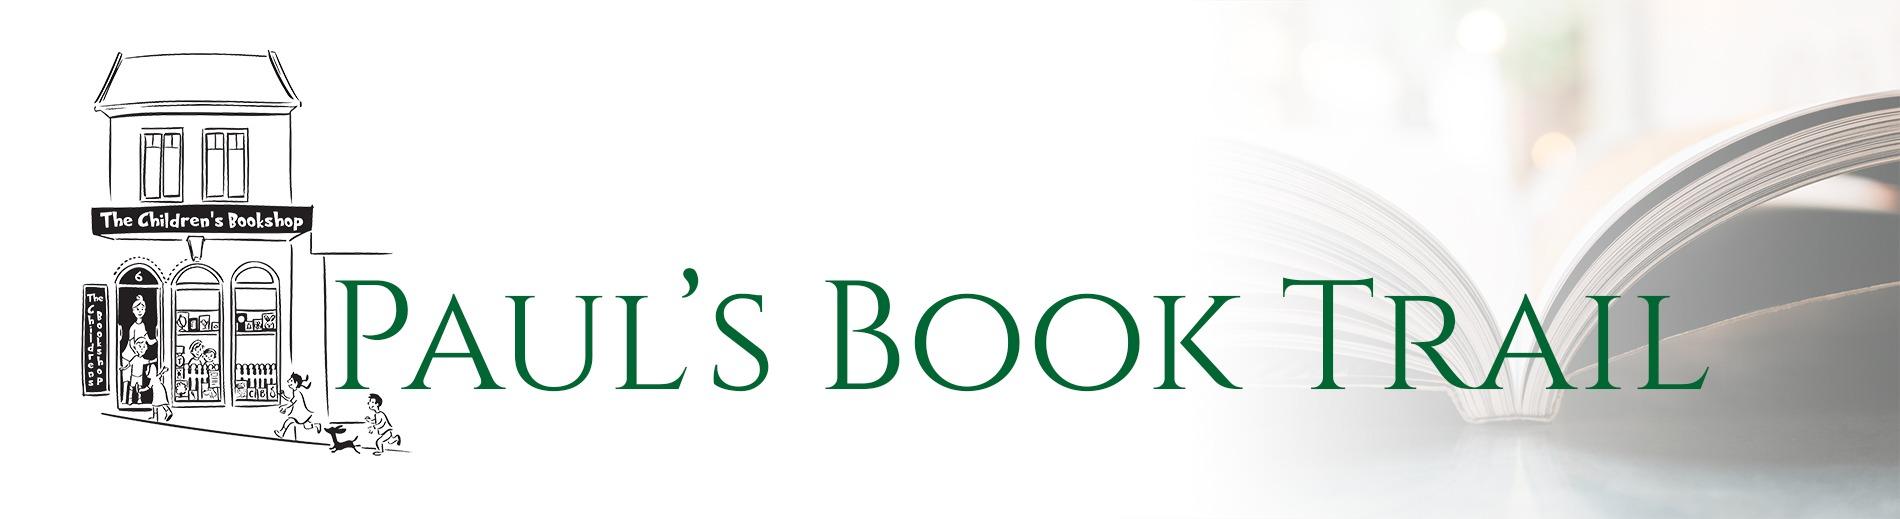 Paul's Book Trail